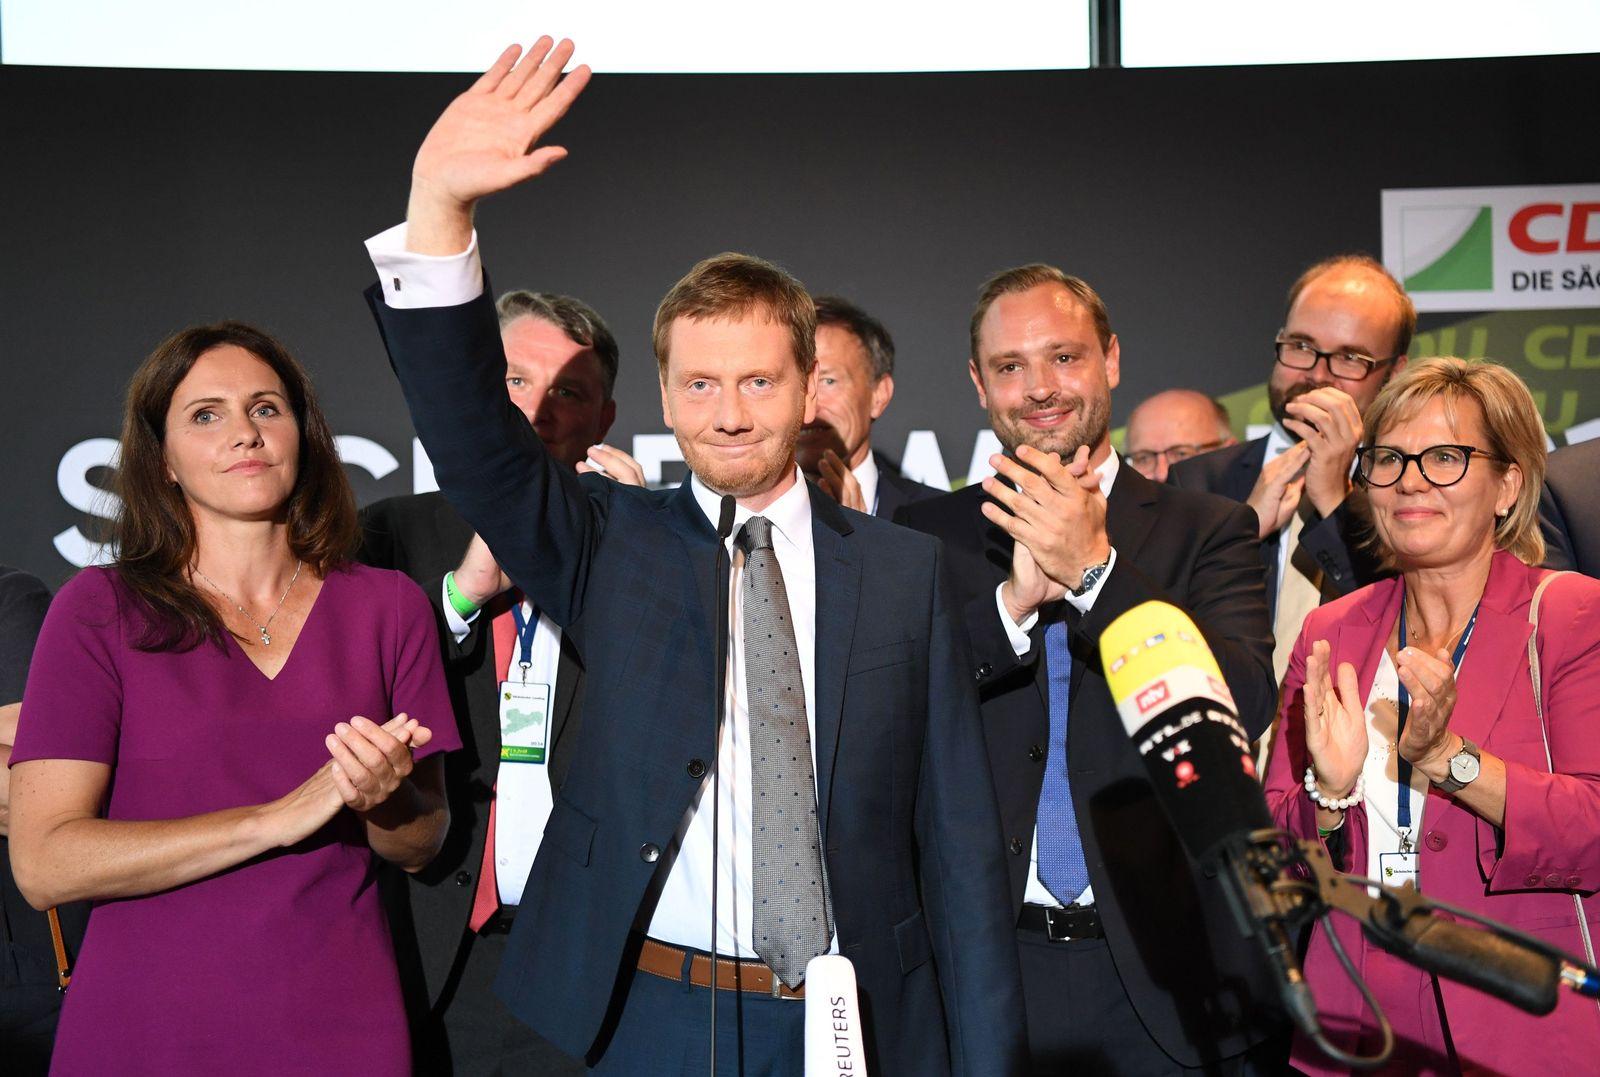 Sachsen - Wahlparty CDU Kretschmer